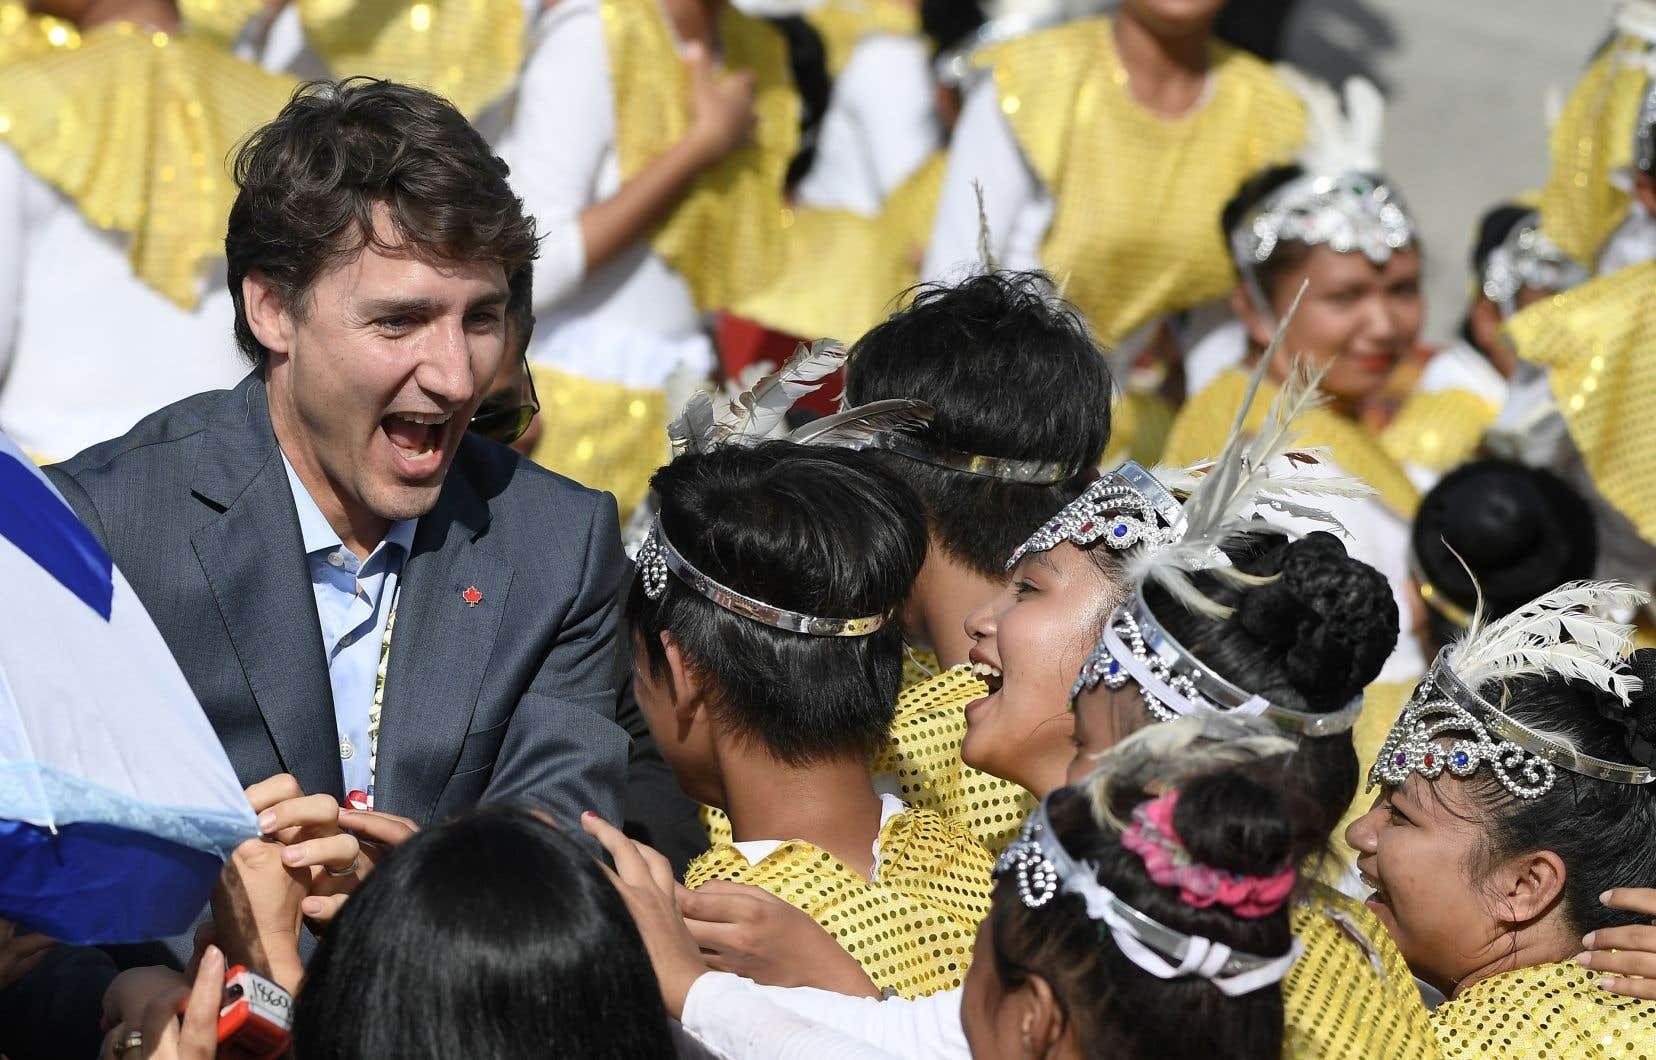 Justin Trudeau a salué des danseurs qui ont offert une performance lors de son arrivée dans la province de Pampanga, aux Philippines, dimanche.